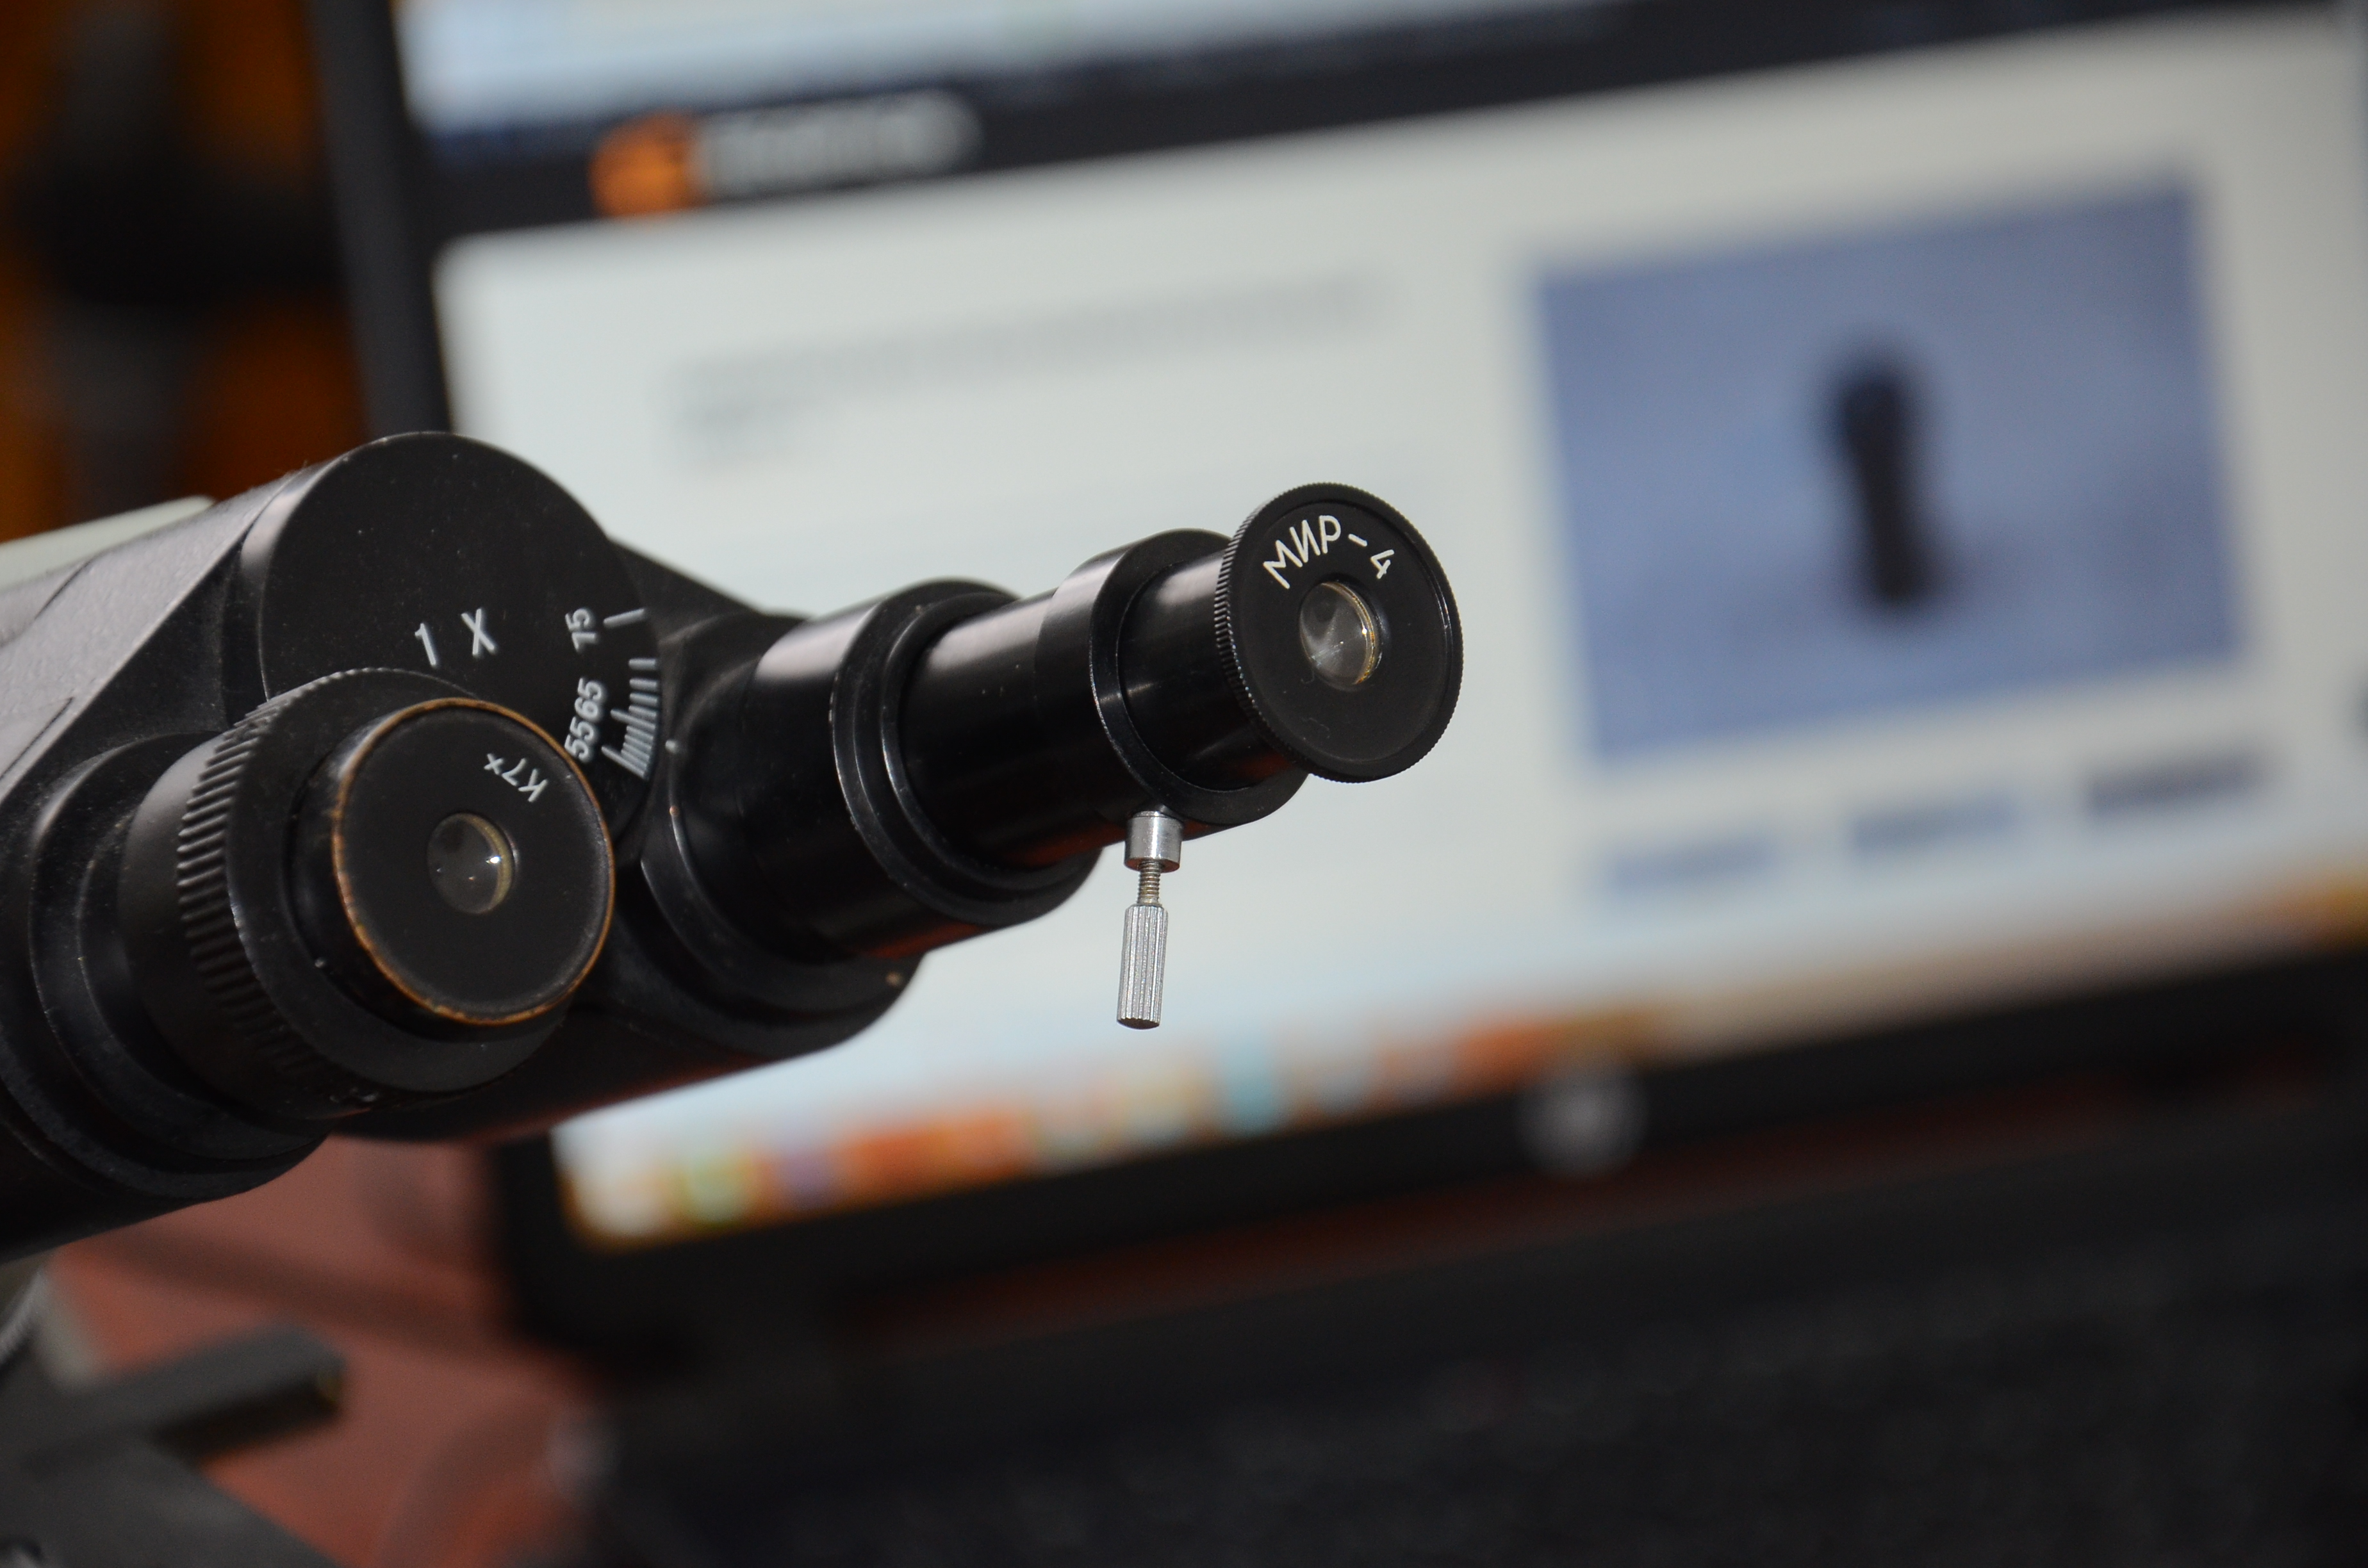 вспомогательный микроскоп мир-4 scopica.ru